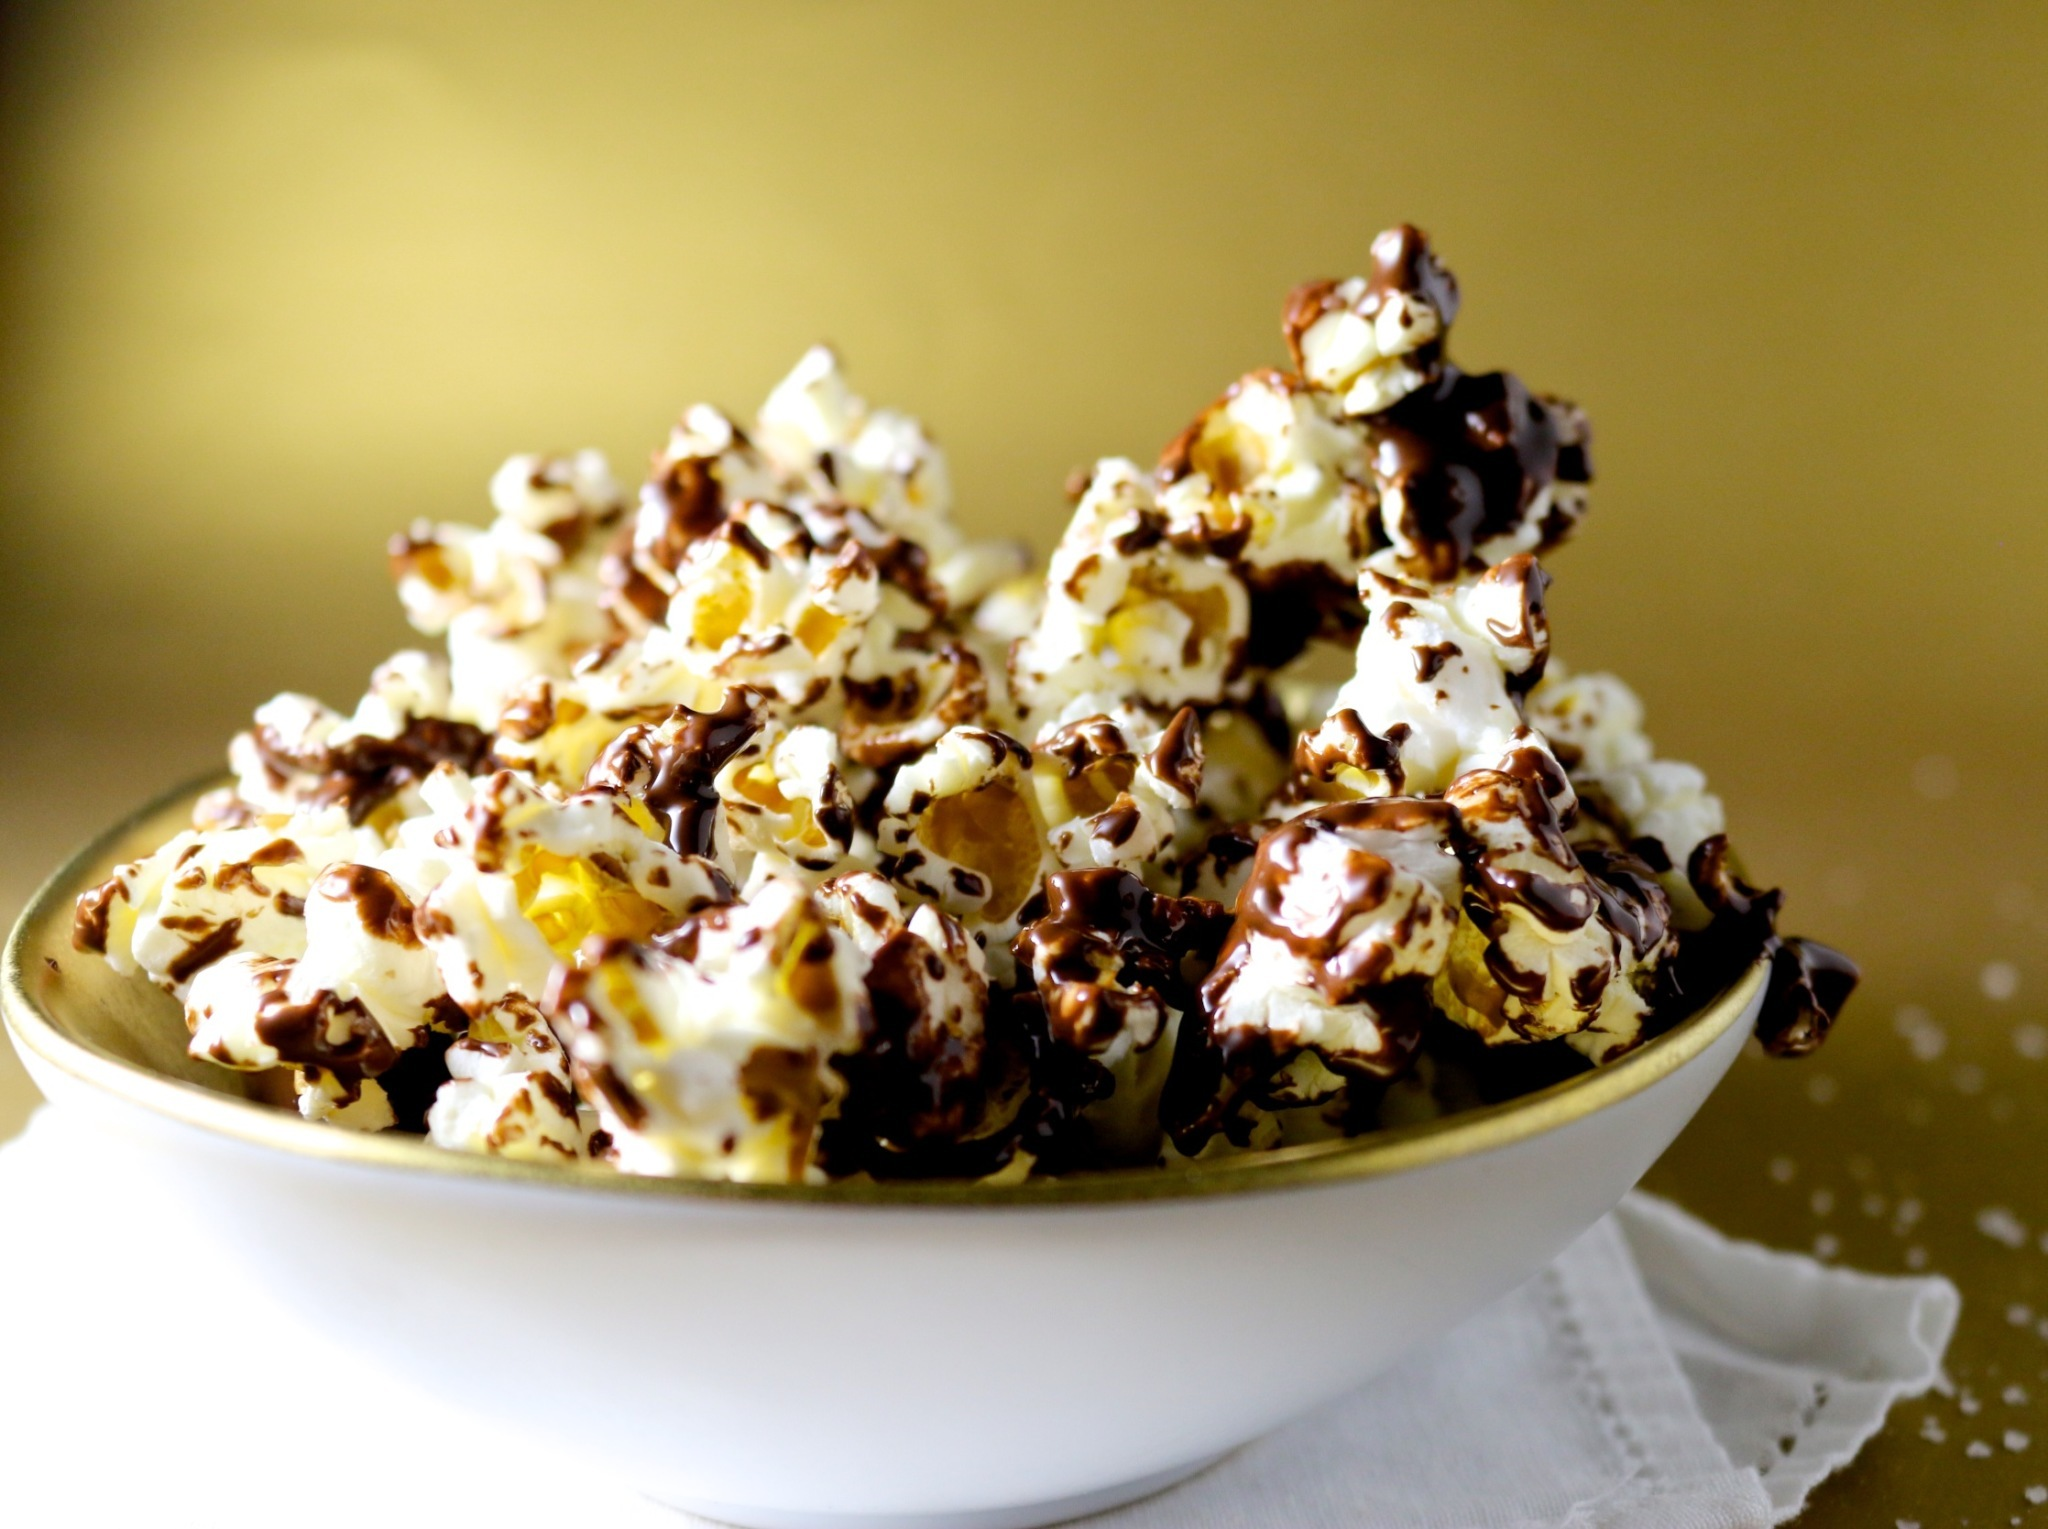 Palomitas con chocolate obscuro y sal de mal